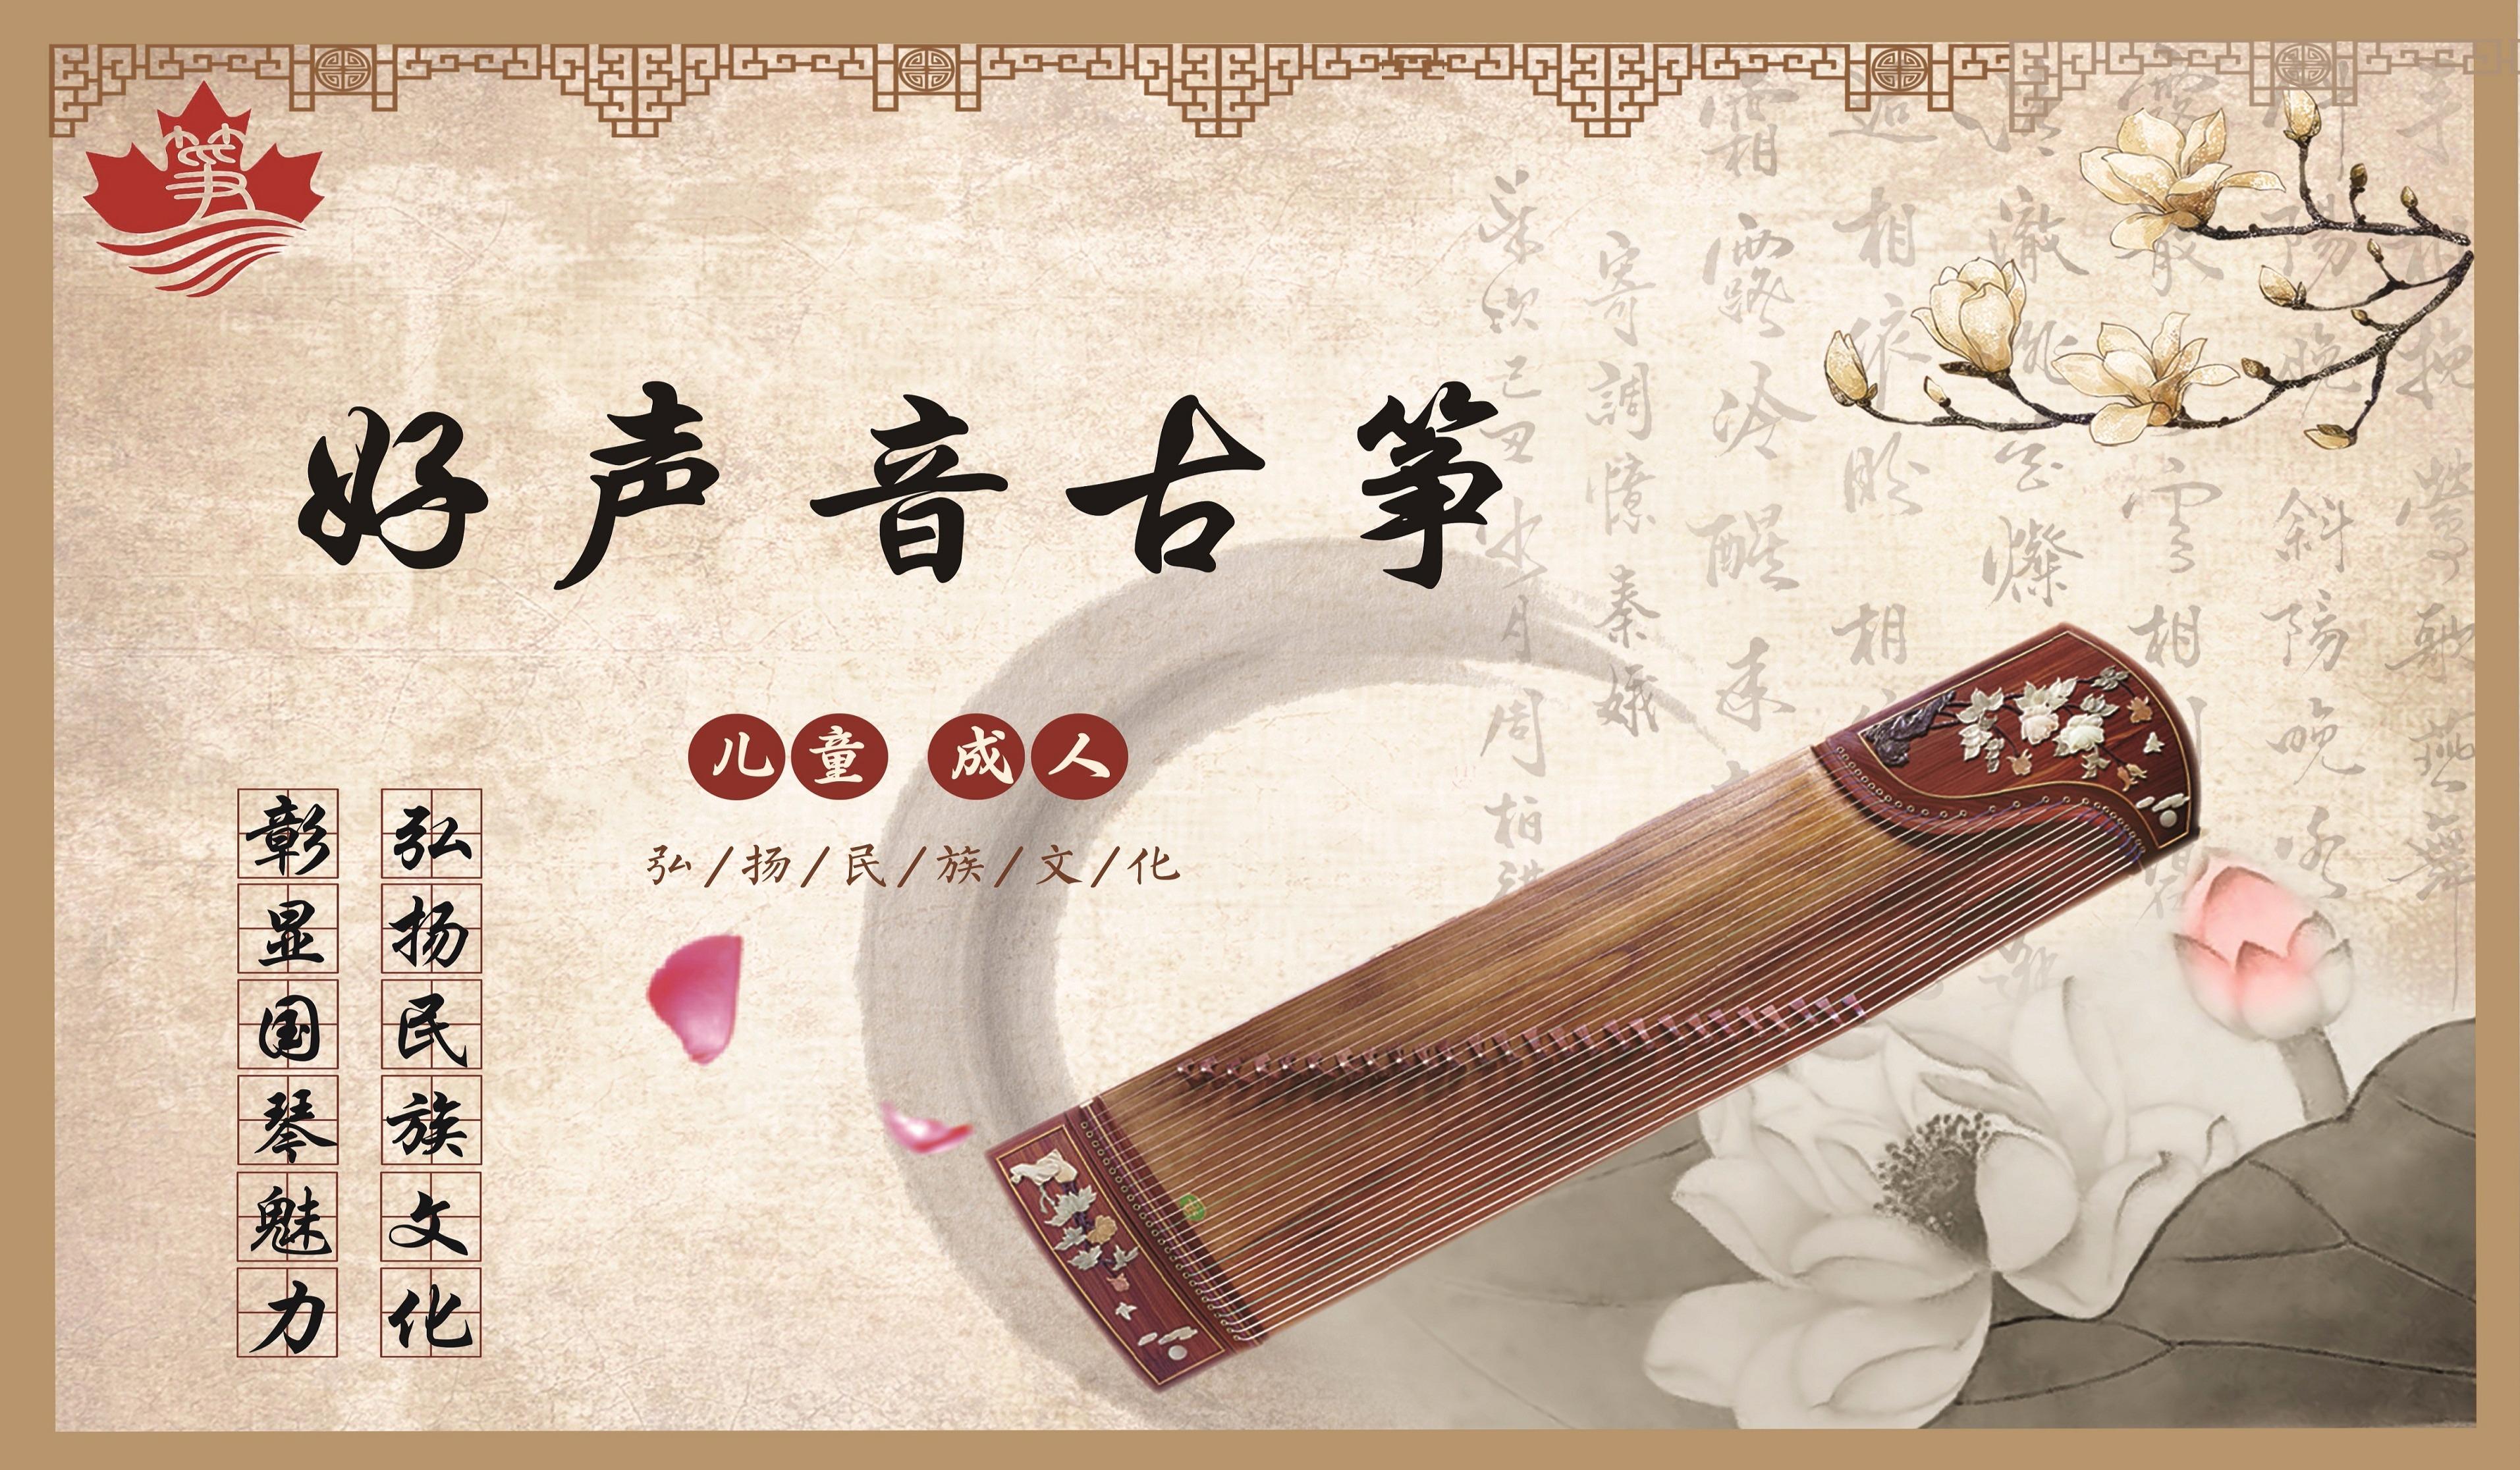 【零基础古筝培训】 青岛别具一格的古筝专项培训学校邀您免费体验国琴魅力